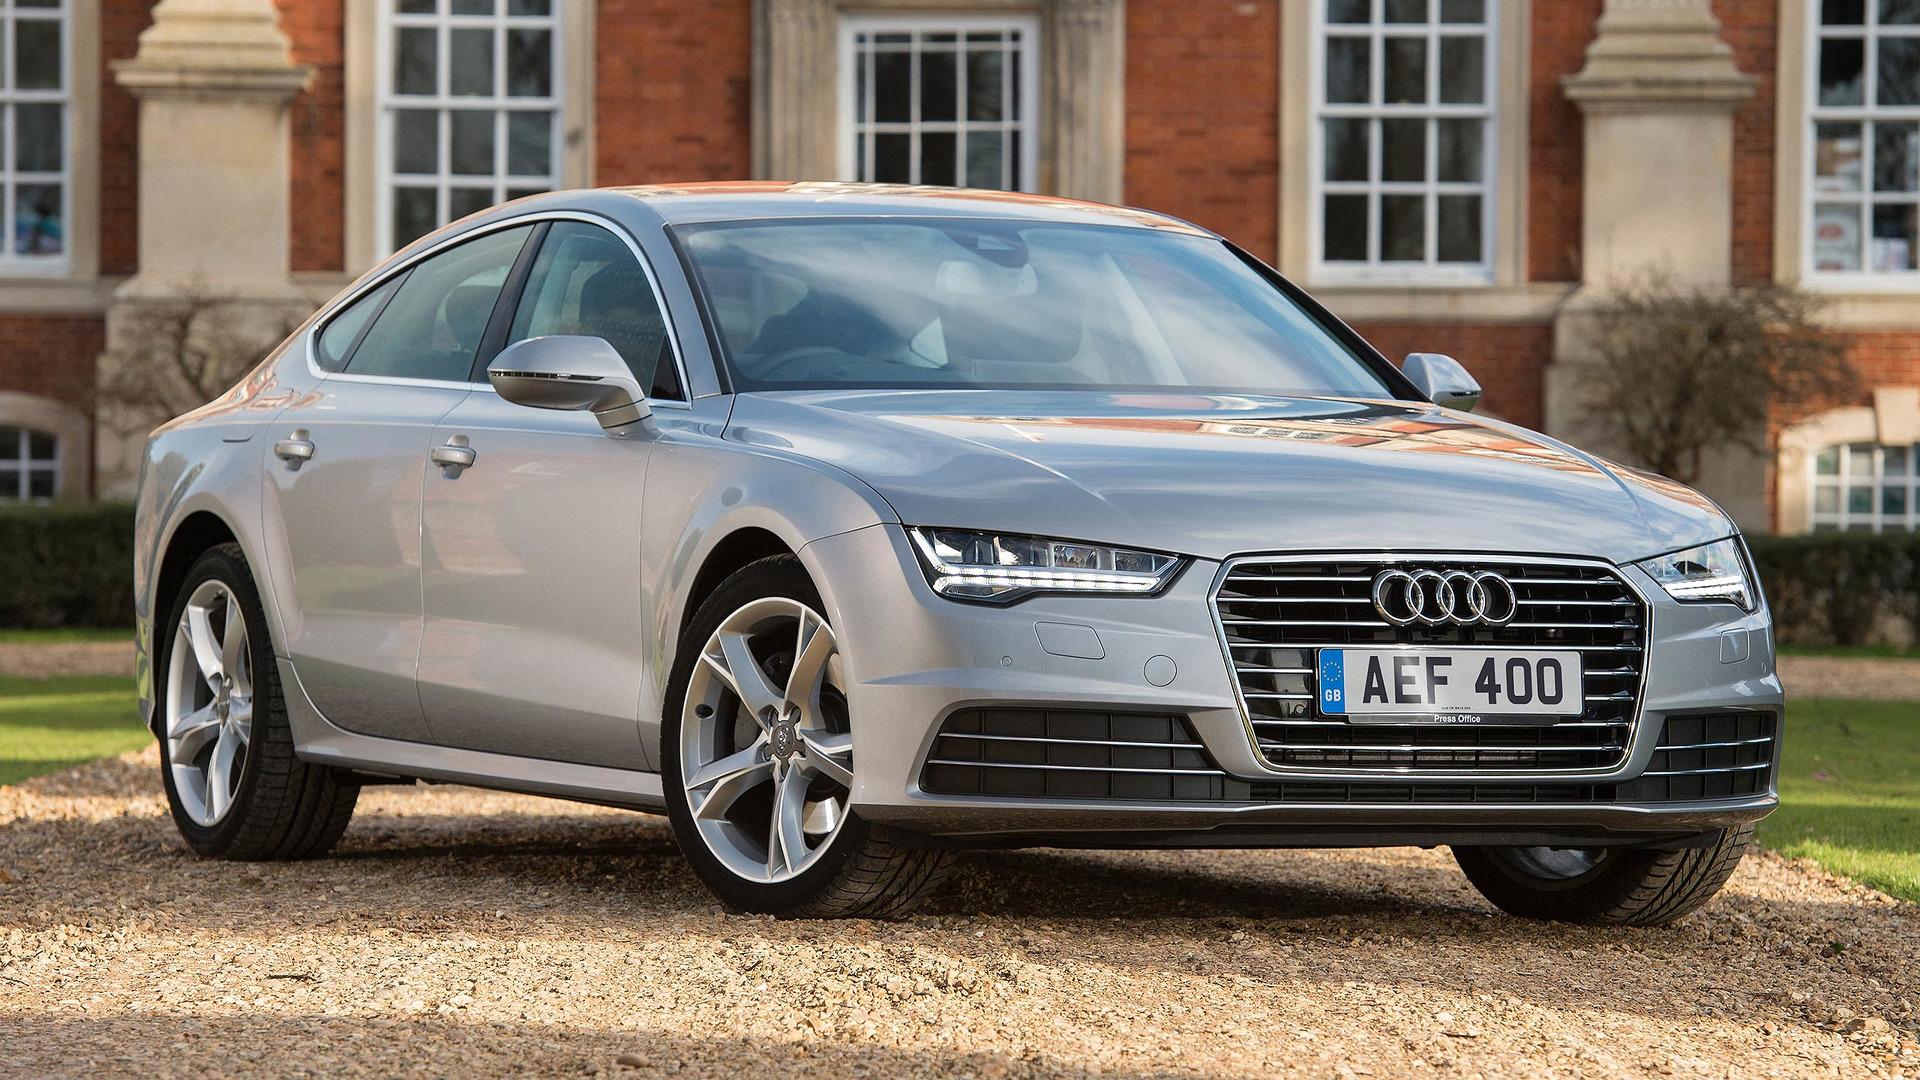 Kekurangan Audi A7 2017 Harga